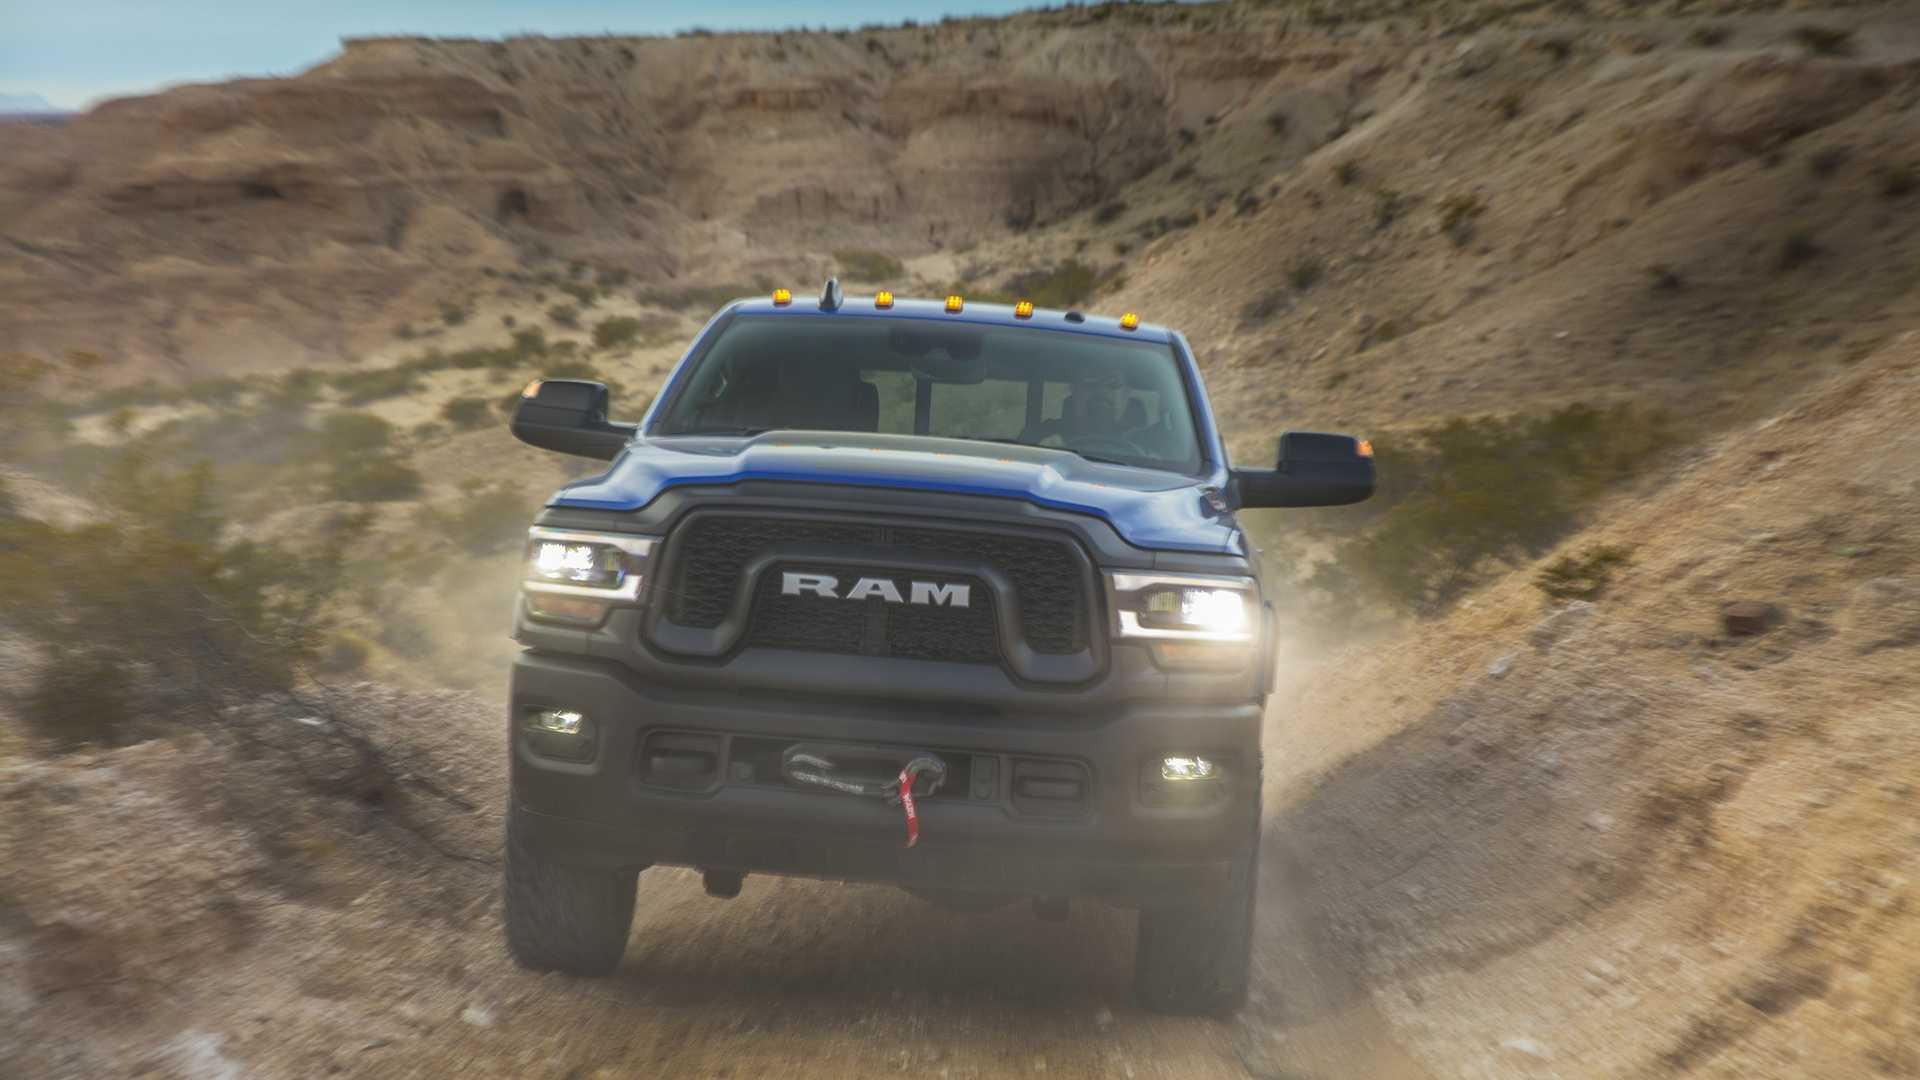 2019-ram-heavy-duty-exterior (83)